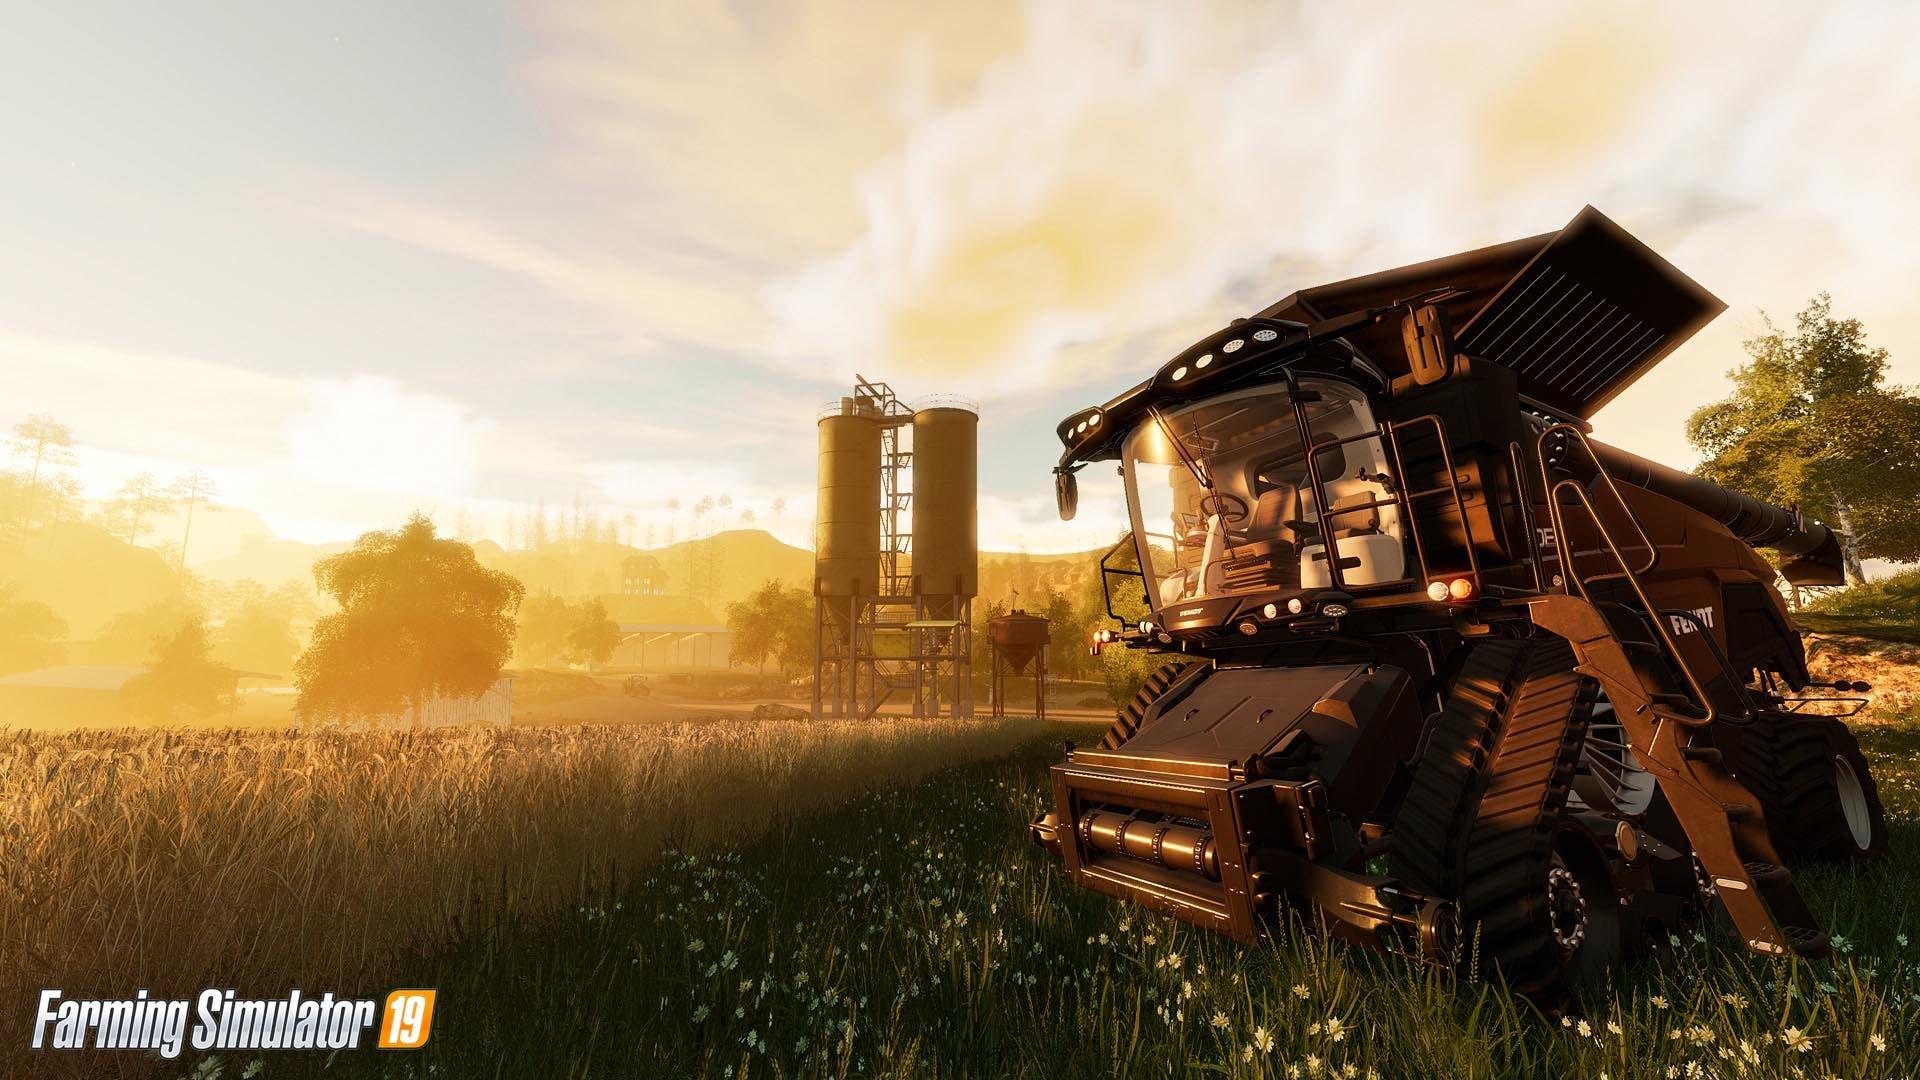 Farming Simulator 19 desvela nuevos detalles sobre su multijugador y la personalización de granjas 3